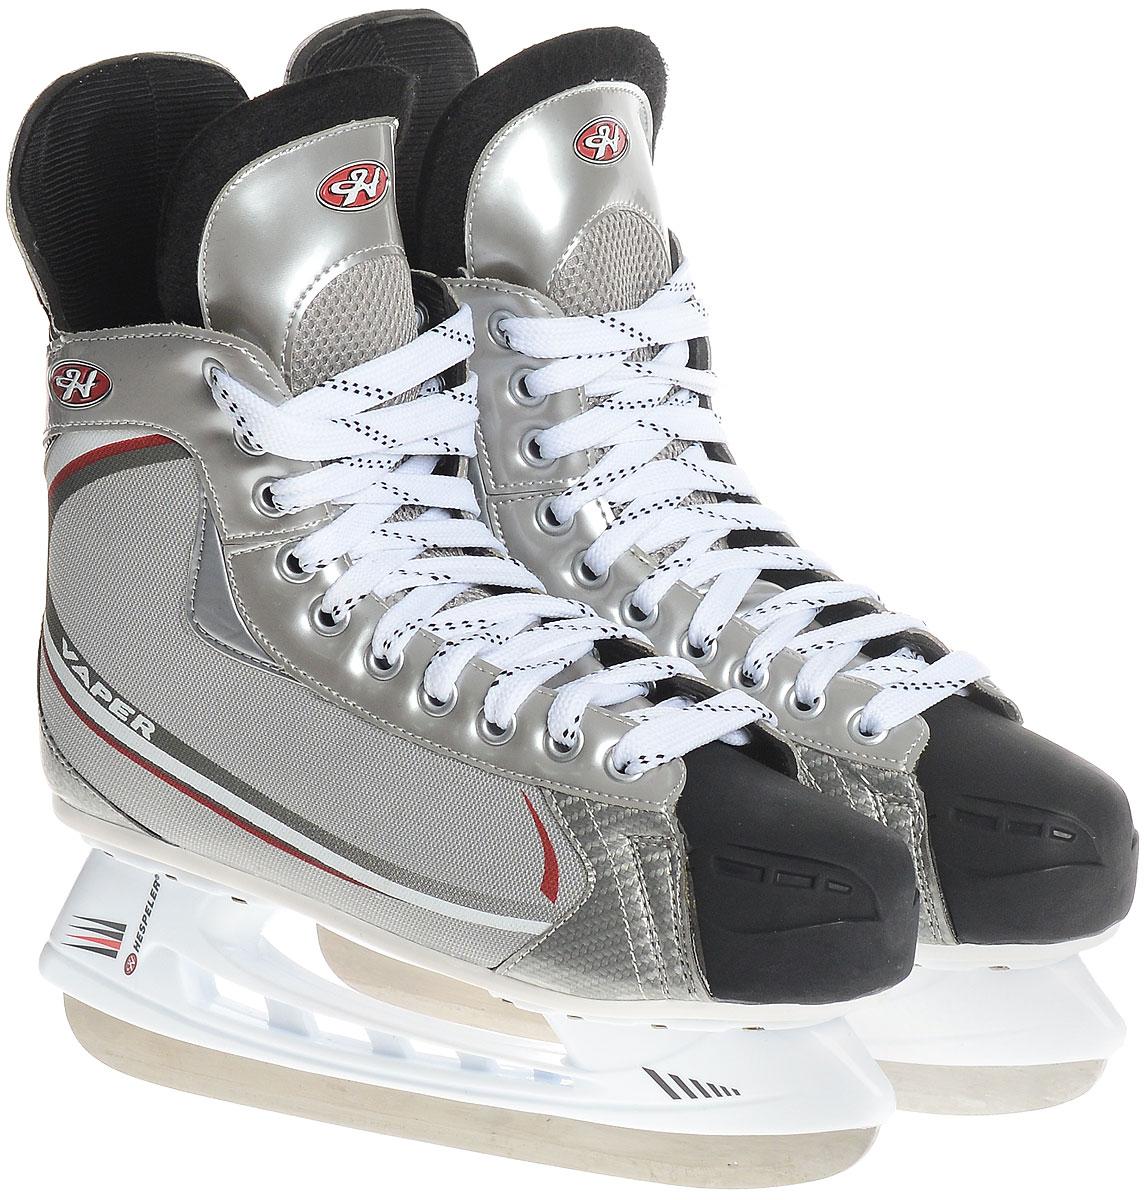 Коньки хоккейные мужские Hespeler Vaper, цвет: серый, белый, красный. Размер 44Vaper_серый, белый, красный_44Спортивные, облегченные хоккейные коньки с ударопрочной защитной конструкцией от Hespeler Vaper предназначены для соревнований и тренировок. Ботинки изготовлены из комбинации текстиля и морозостойкого полиуретана, который защитит ноги от ударов. Выполненные по всем необходимым стандартам, они имеют традиционную шнуровку с высоким задником и язычком, плотно обхватывающими ногу. Внутренняя часть и стелька выполнены из текстиля, а язычок - из войлока, который обеспечит тепло и комфорт во время катания. Прочные композитные вставки на мысках выдержат даже сильные удары о бортик. Голеностоп имеет удобный суппорт.Изделие по бокам и на язычке декорировано оригинальным принтом и тиснением в виде логотипа бренда.Подошва - из твердого пластика. Лезвие изготовлено из стали со специальным покрытием, придающим дополнительную прочность. Стильные коньки придутся вам по душе.